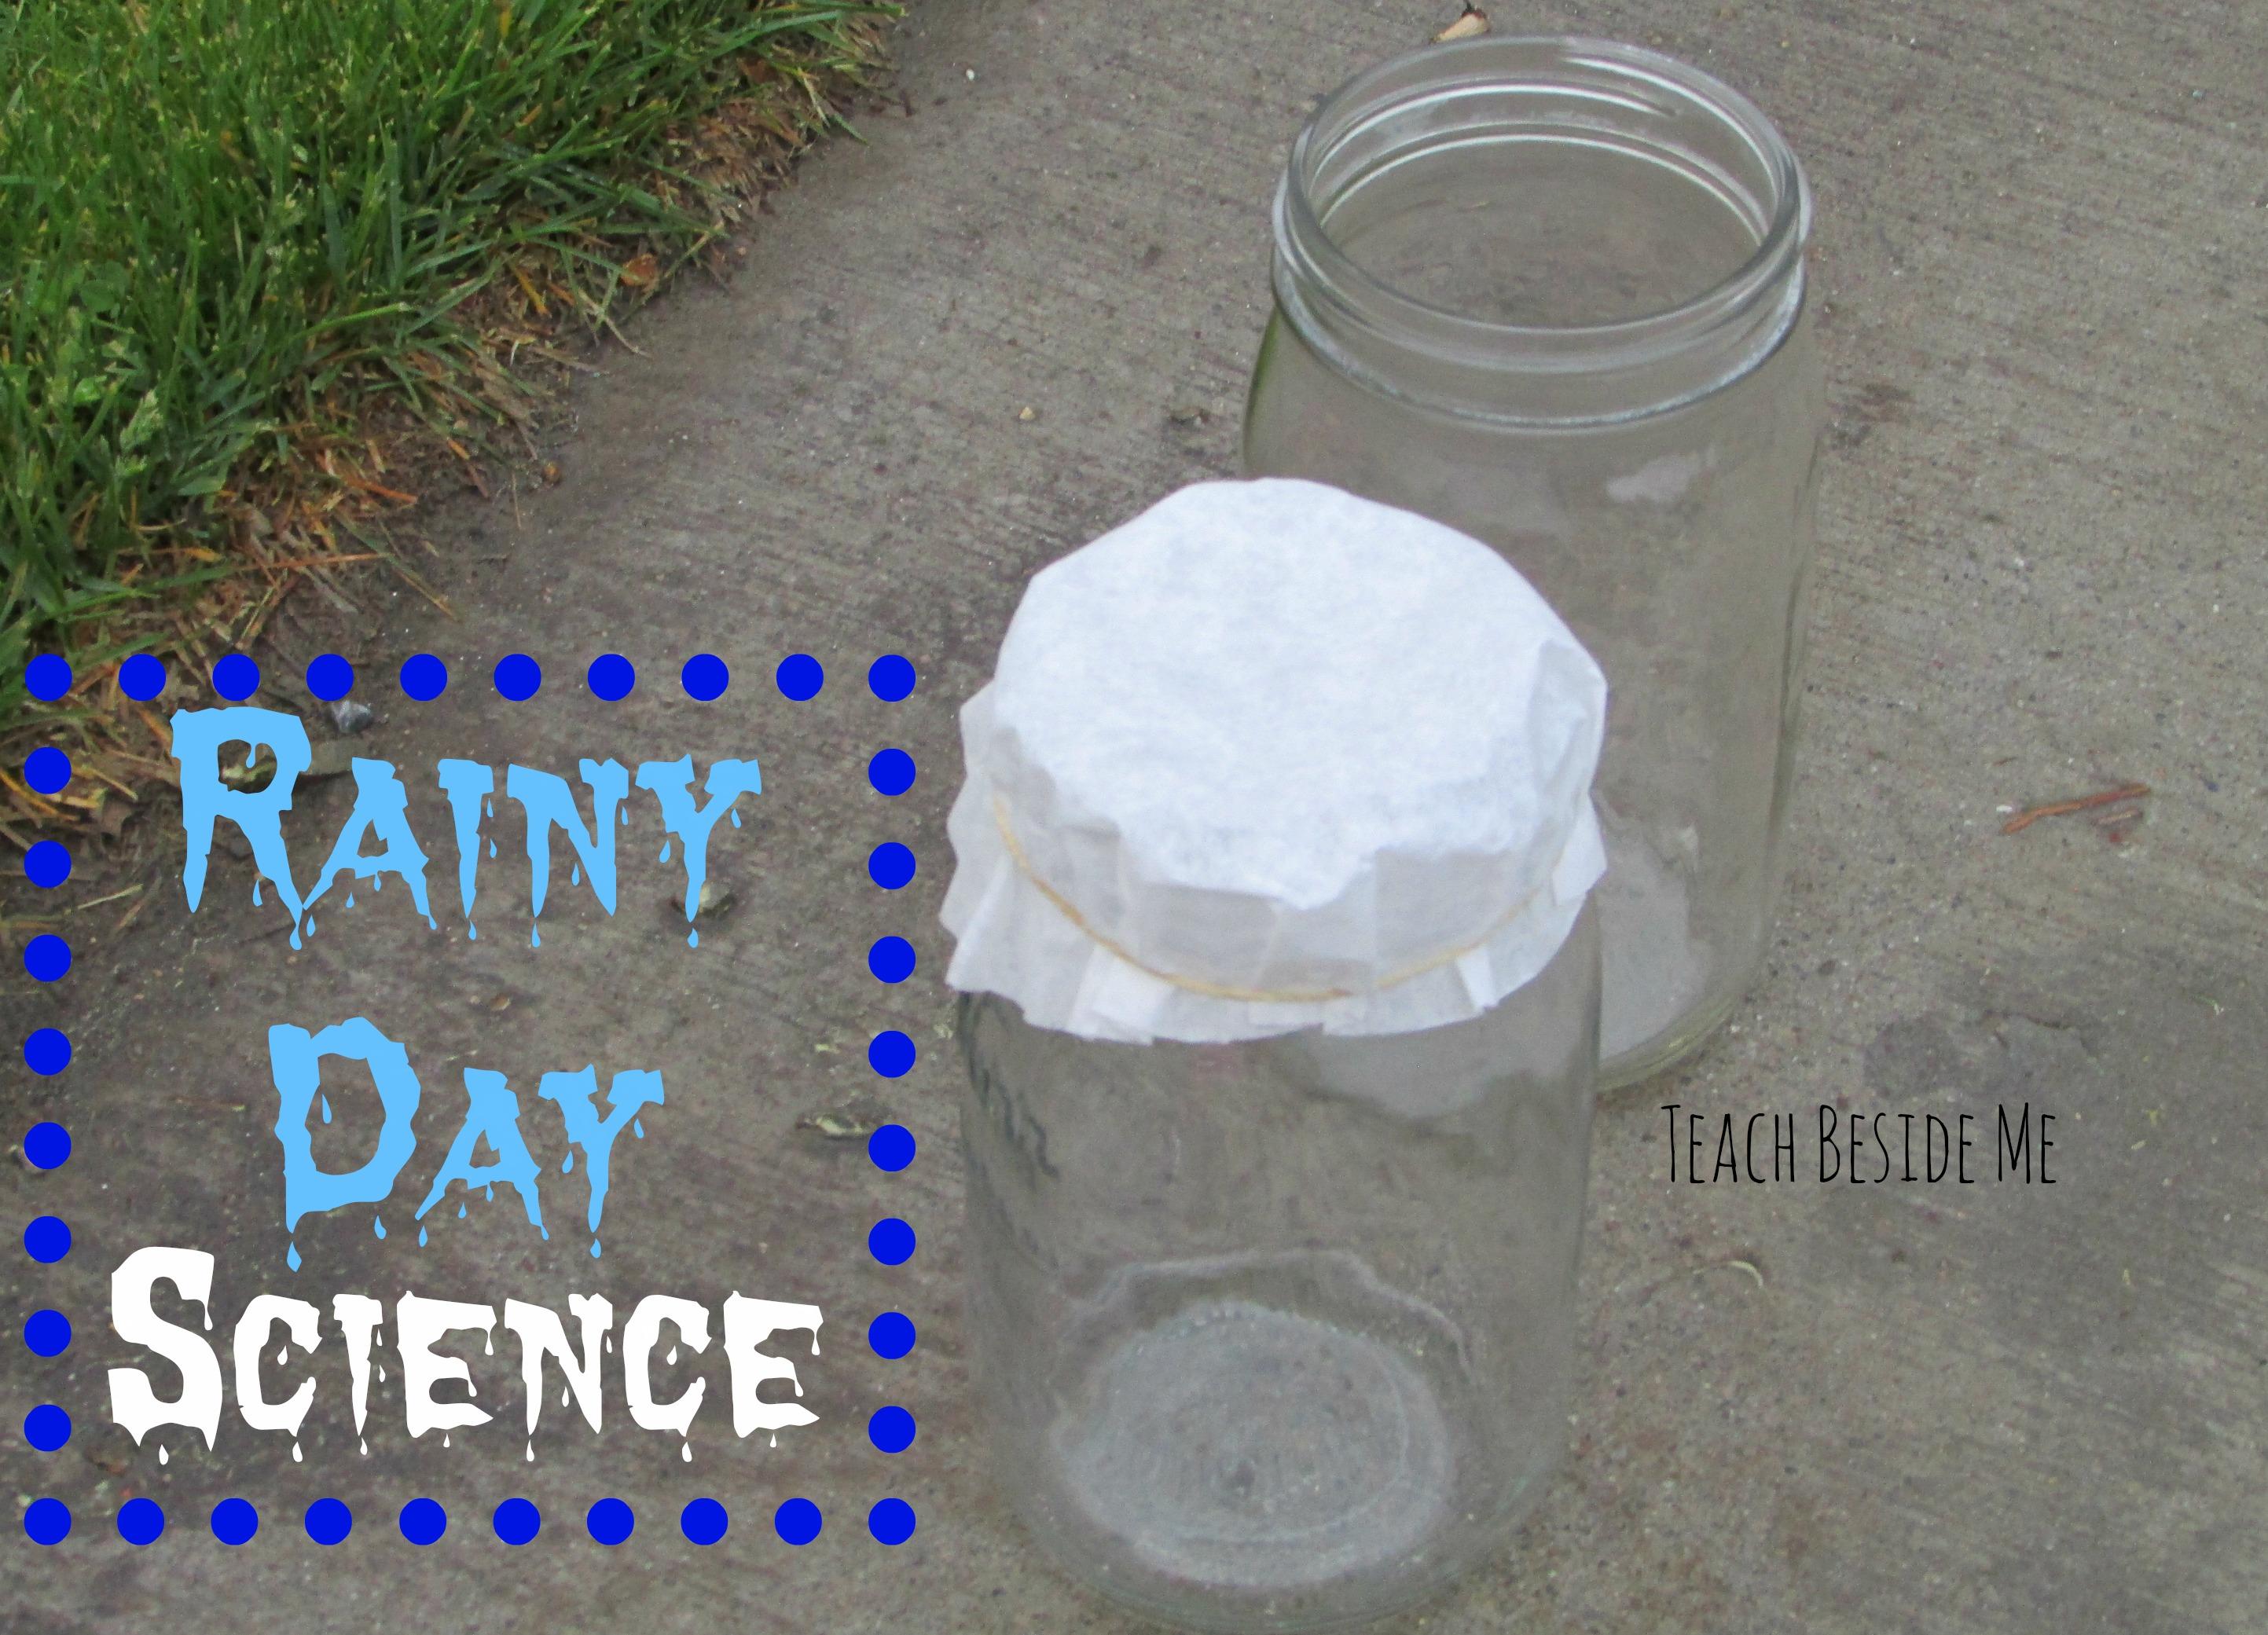 Rainy Day Science